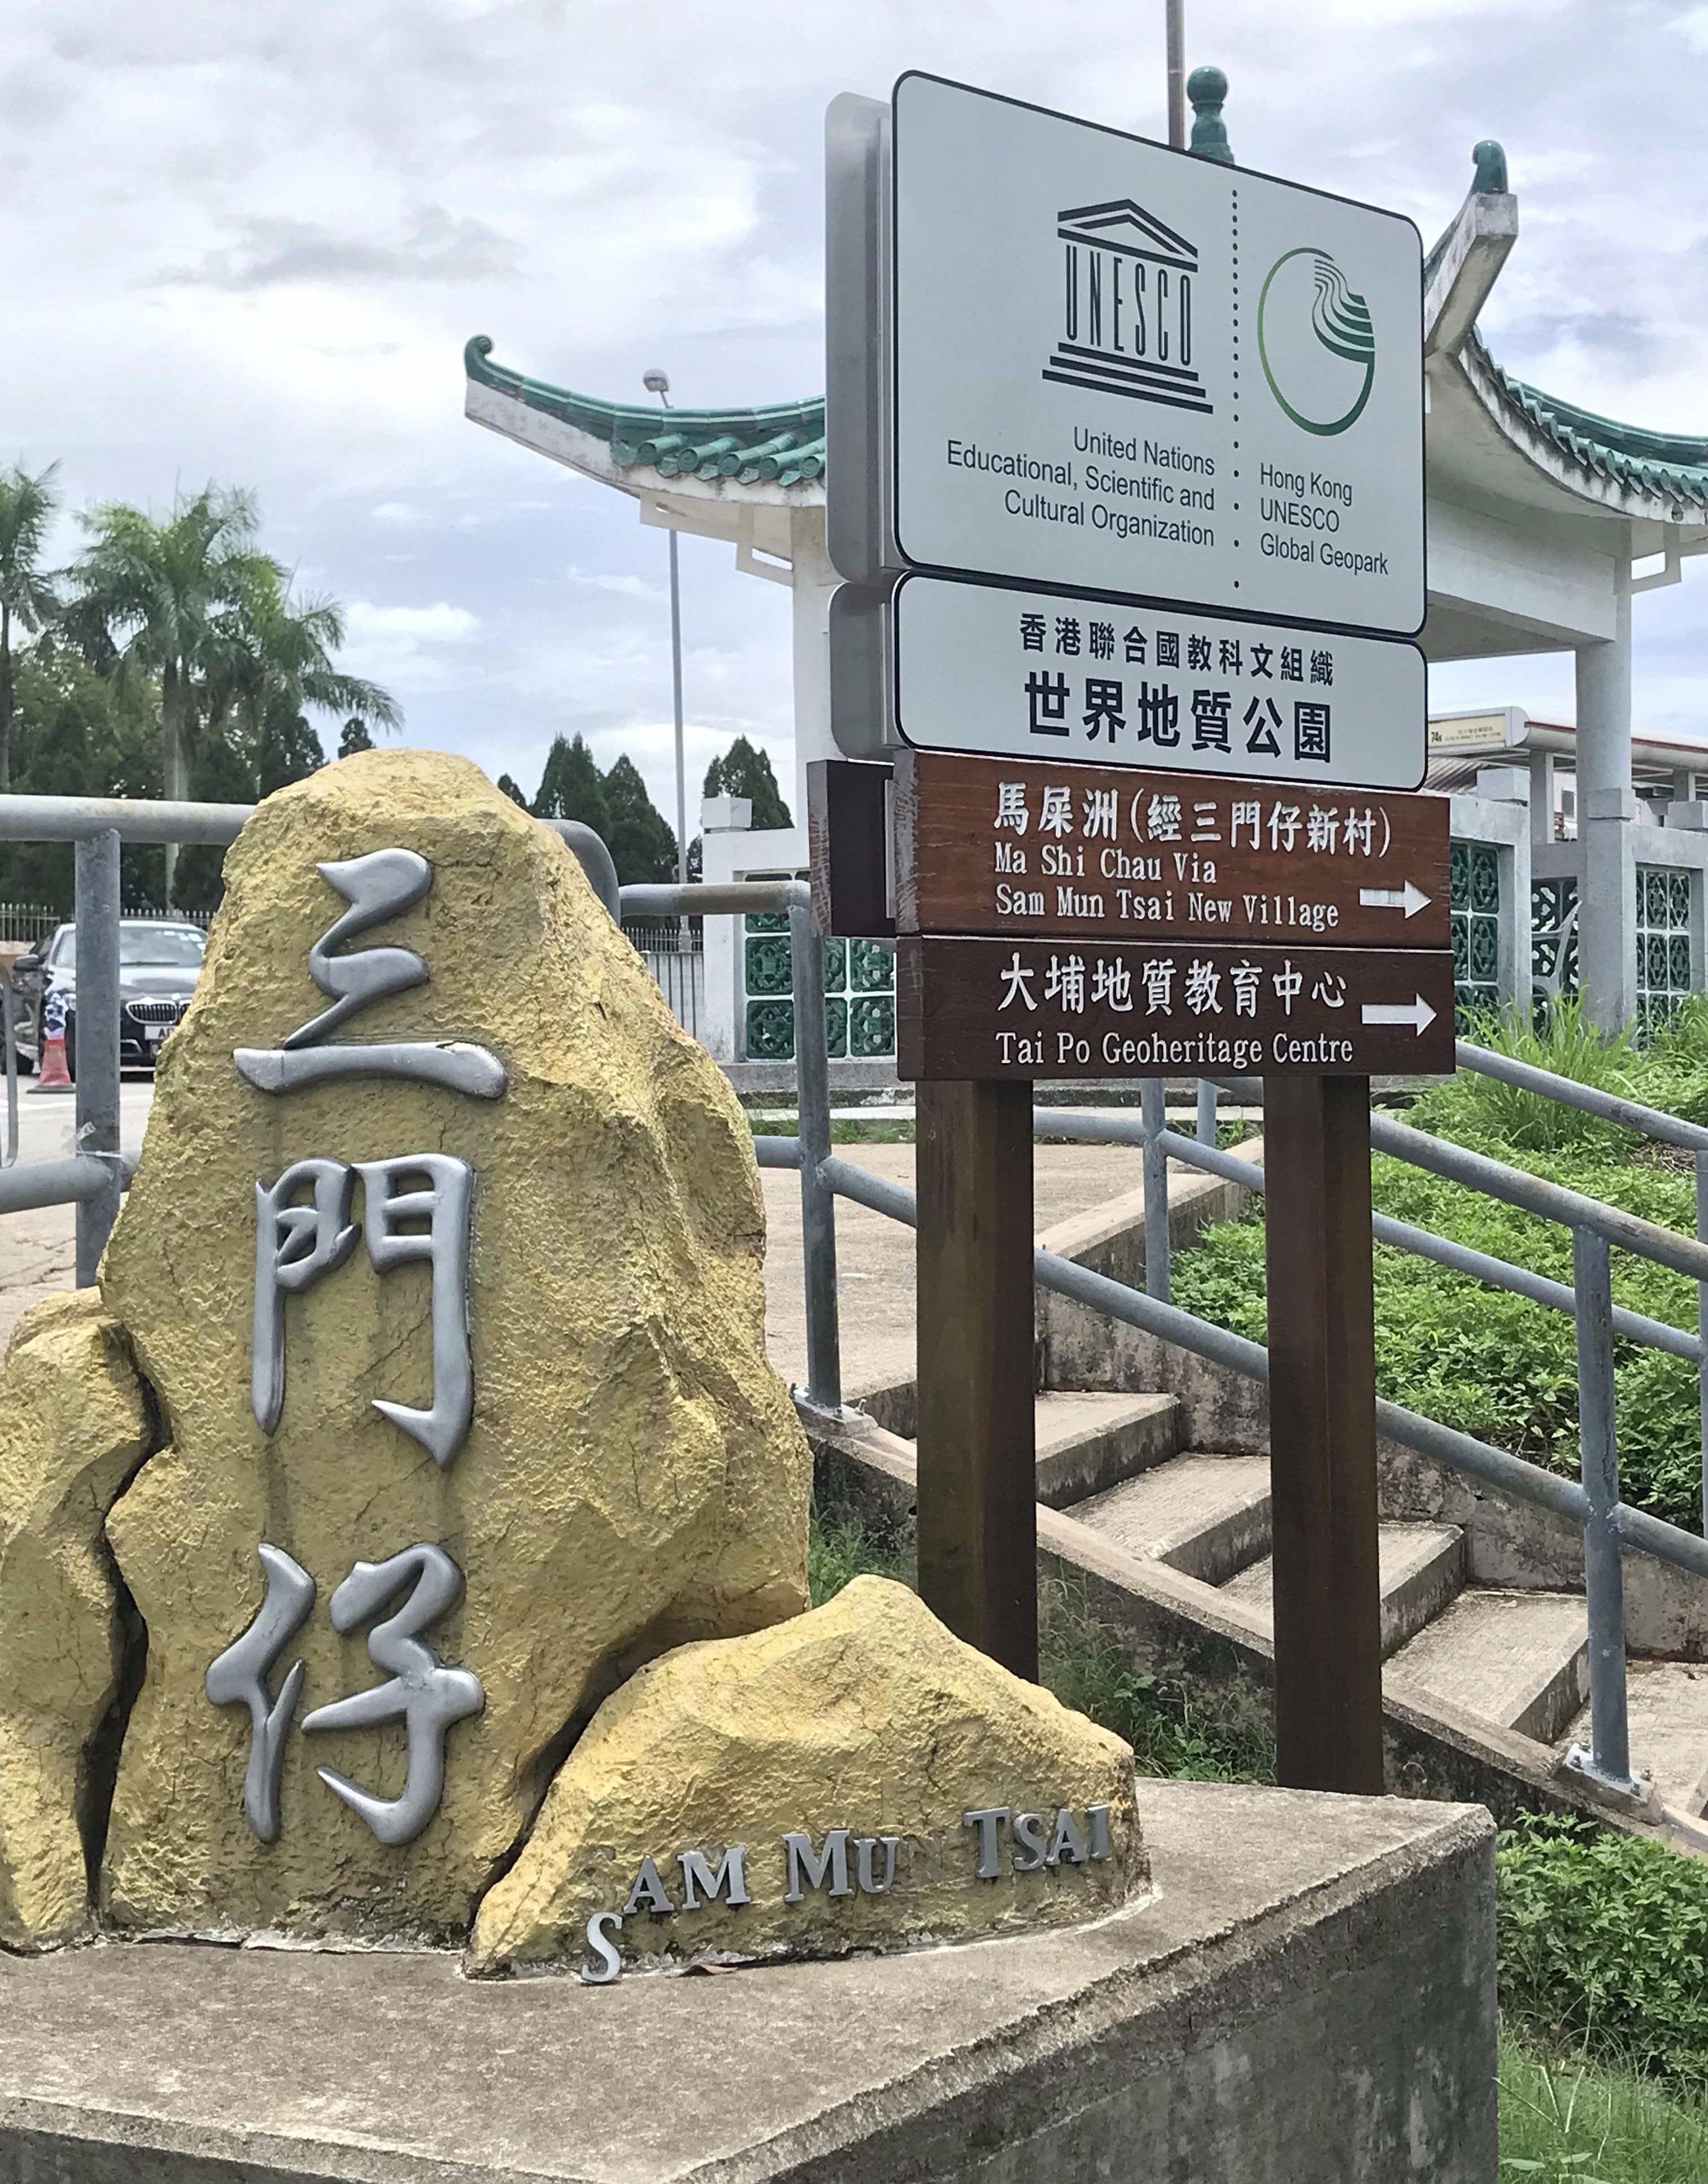 Sam Mun Tsai Village